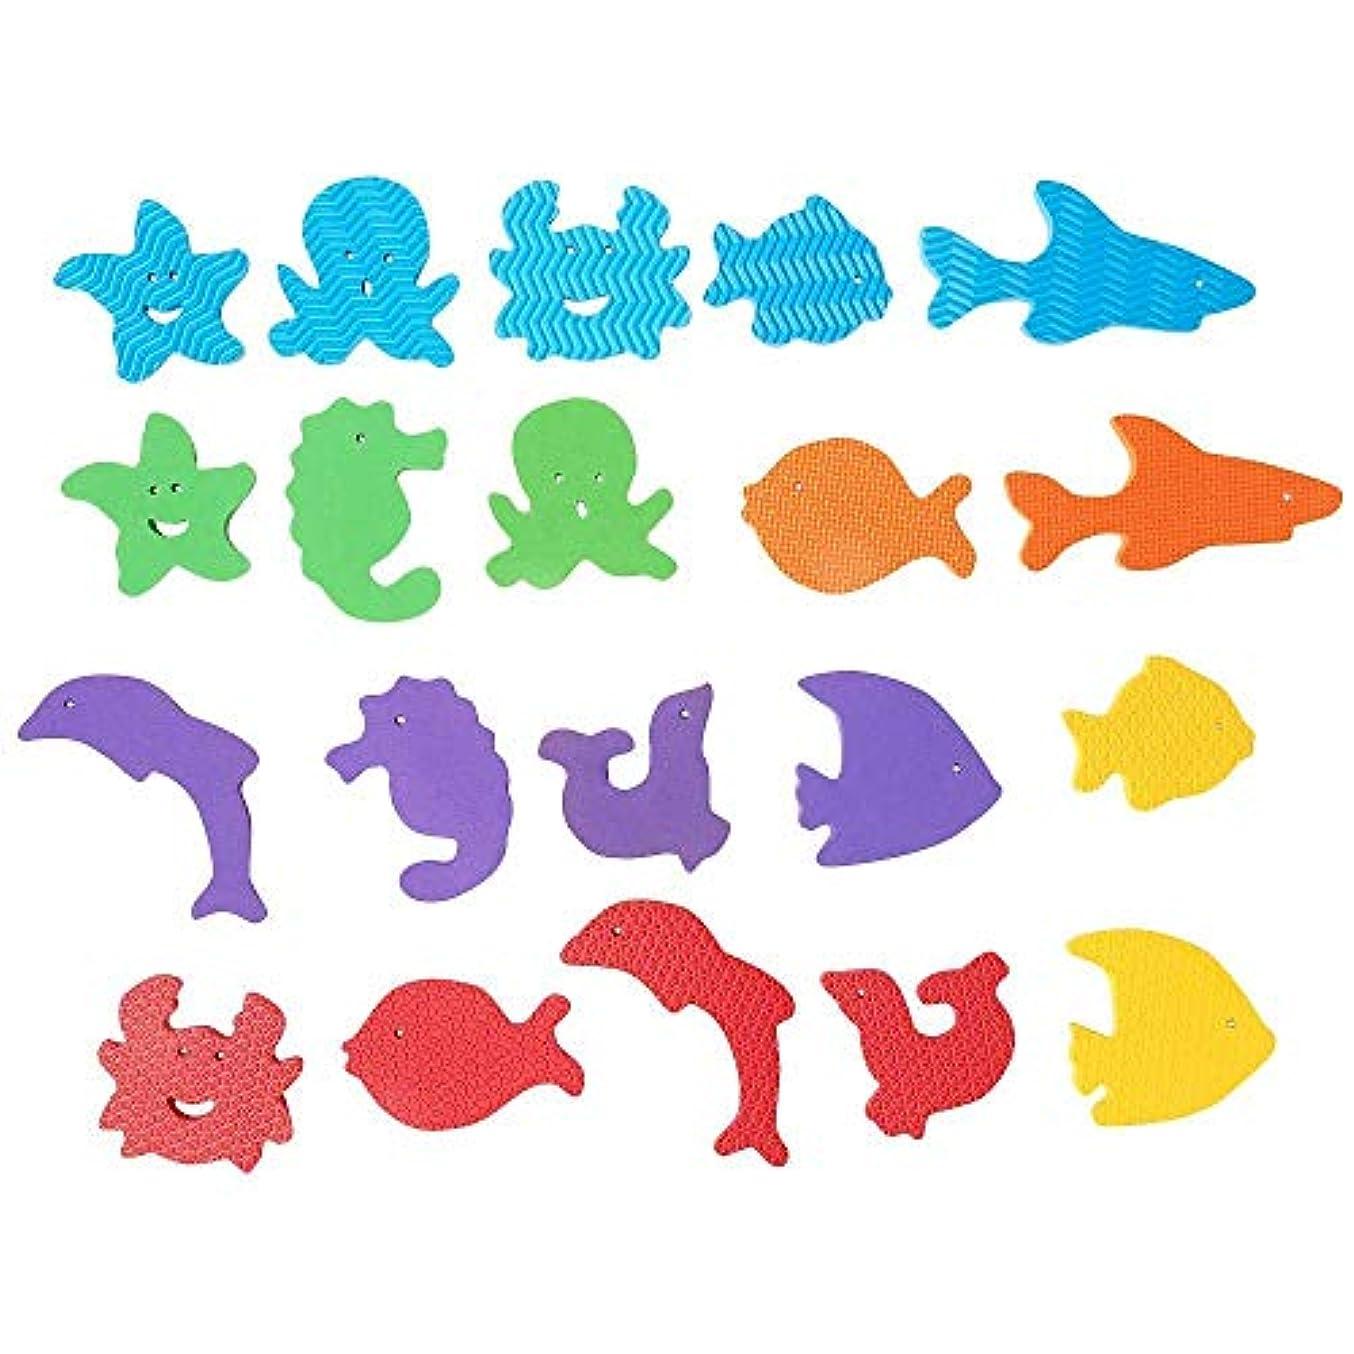 腹痛スキップ大Babies R Us Foam Sea Animal Bath Set - 20 Pieces by Babies R Us [並行輸入品]